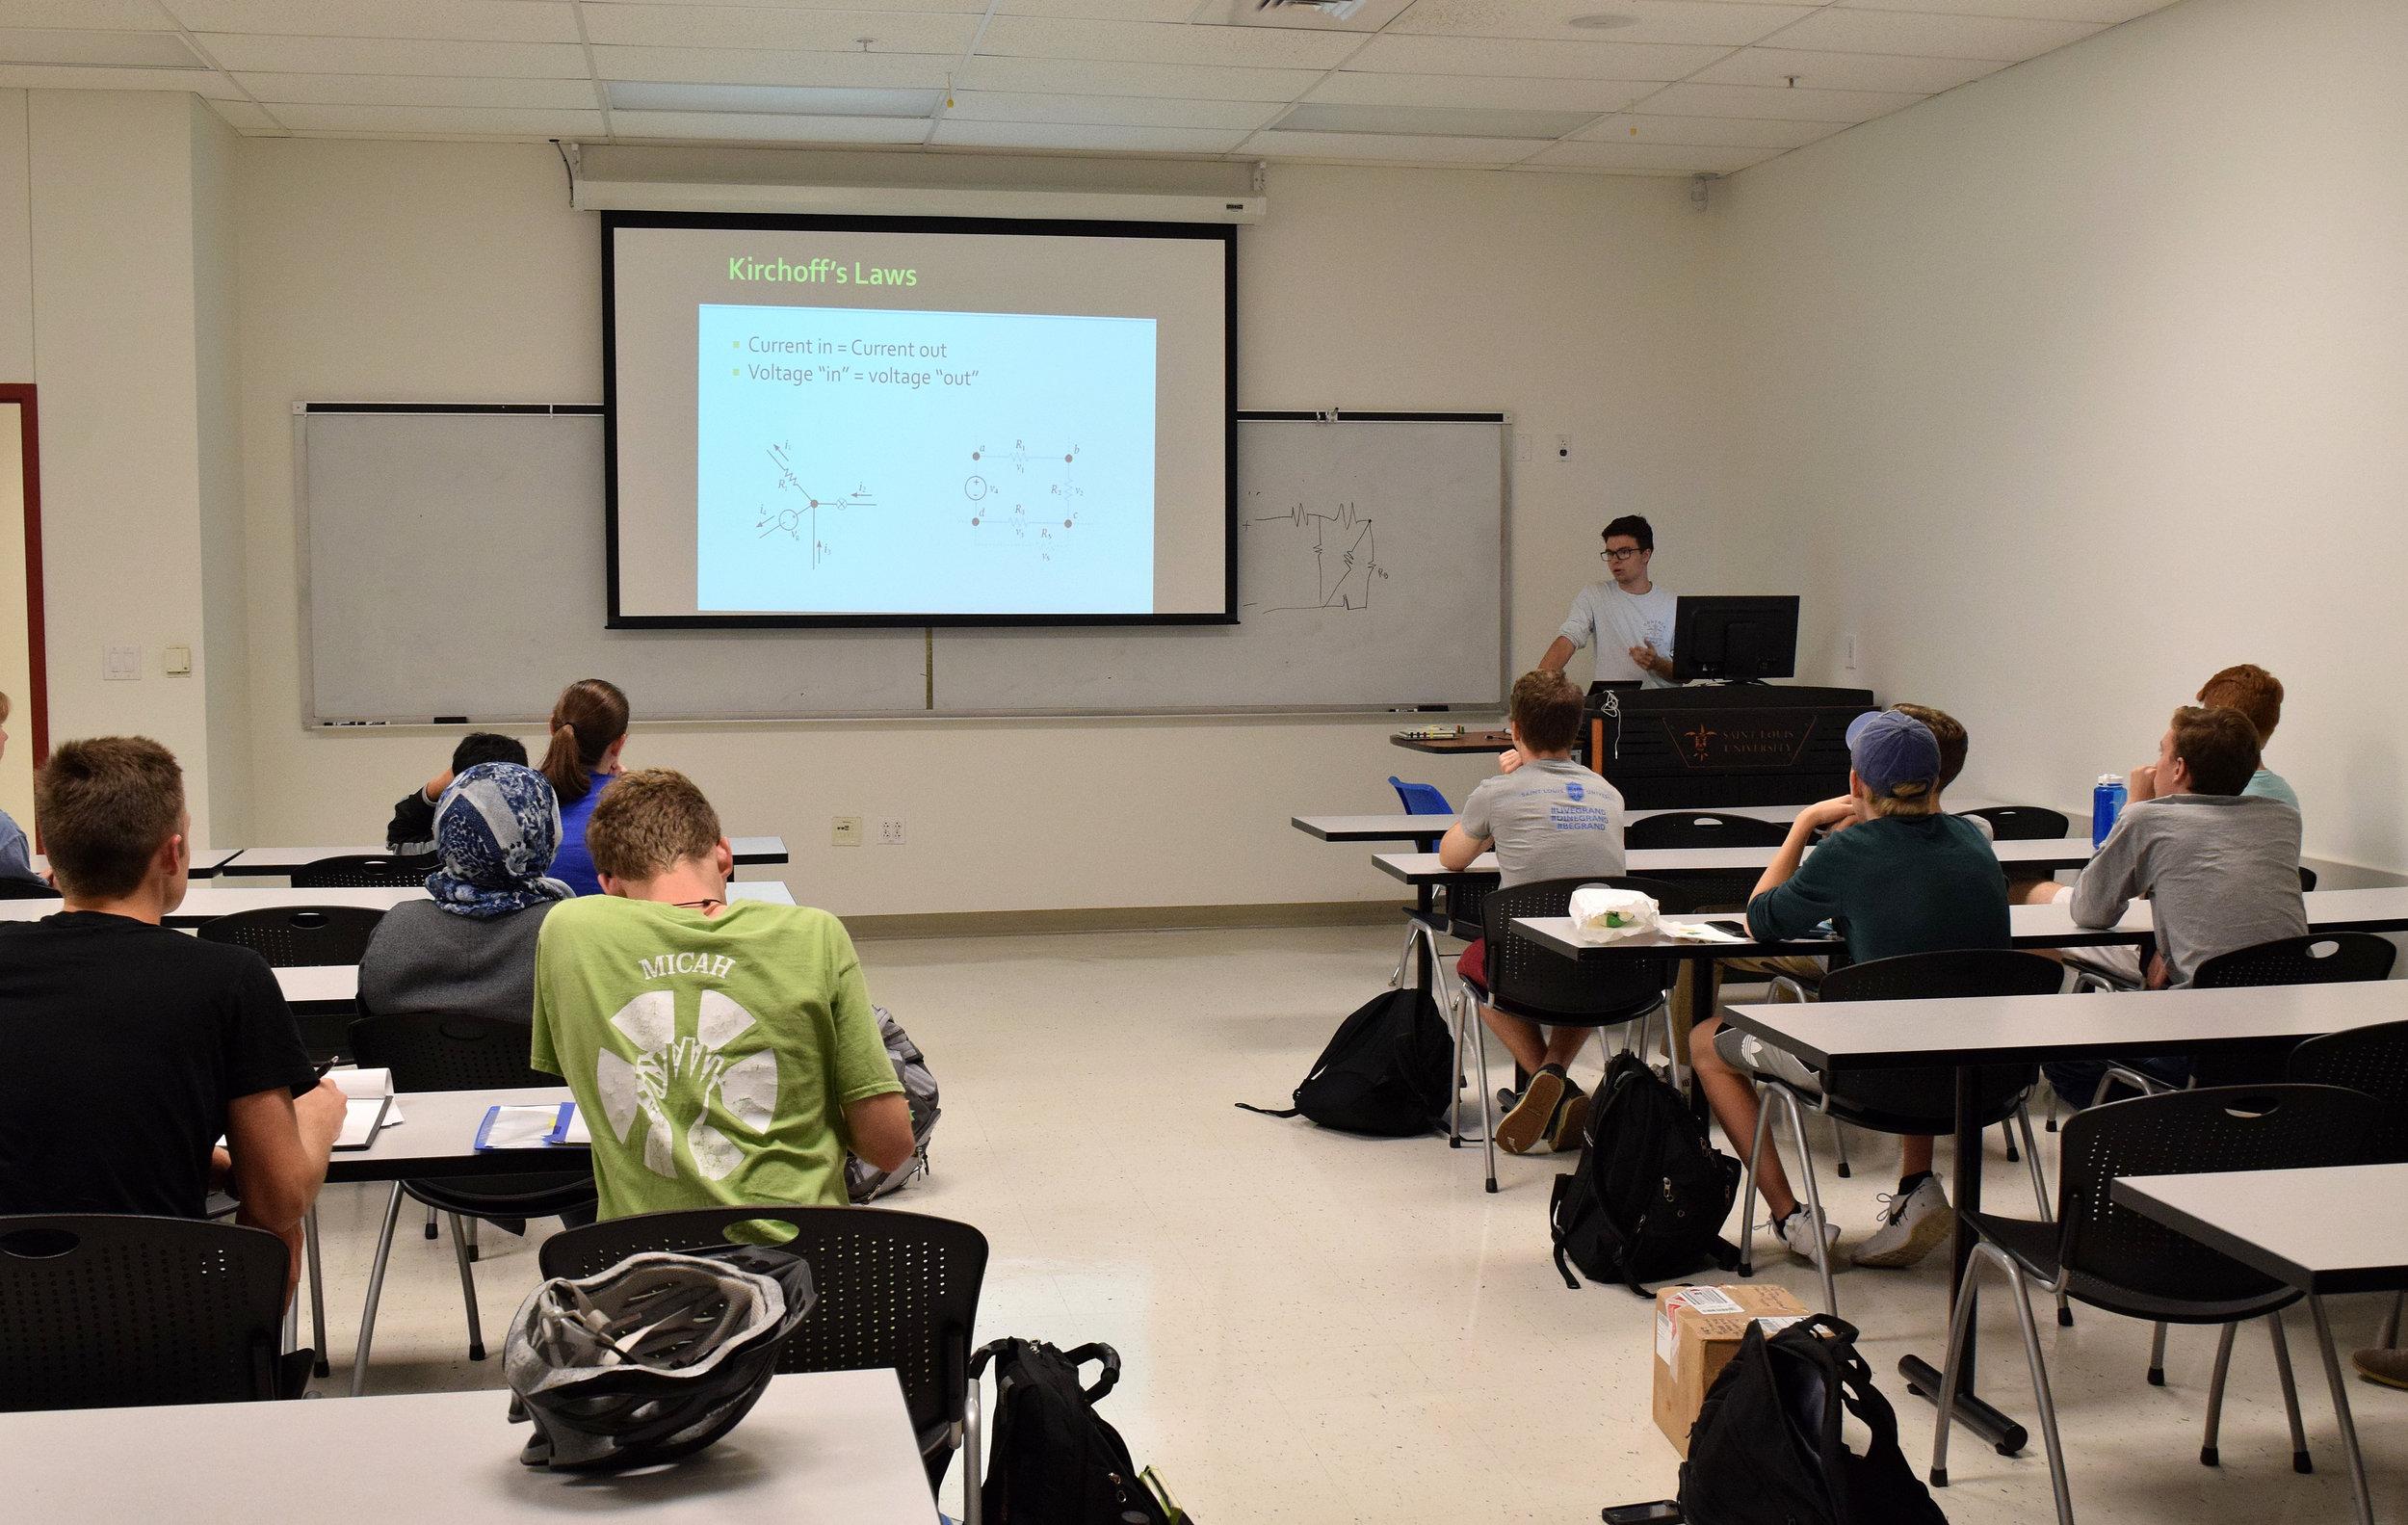 Boss_Teaching_Session1.JPG